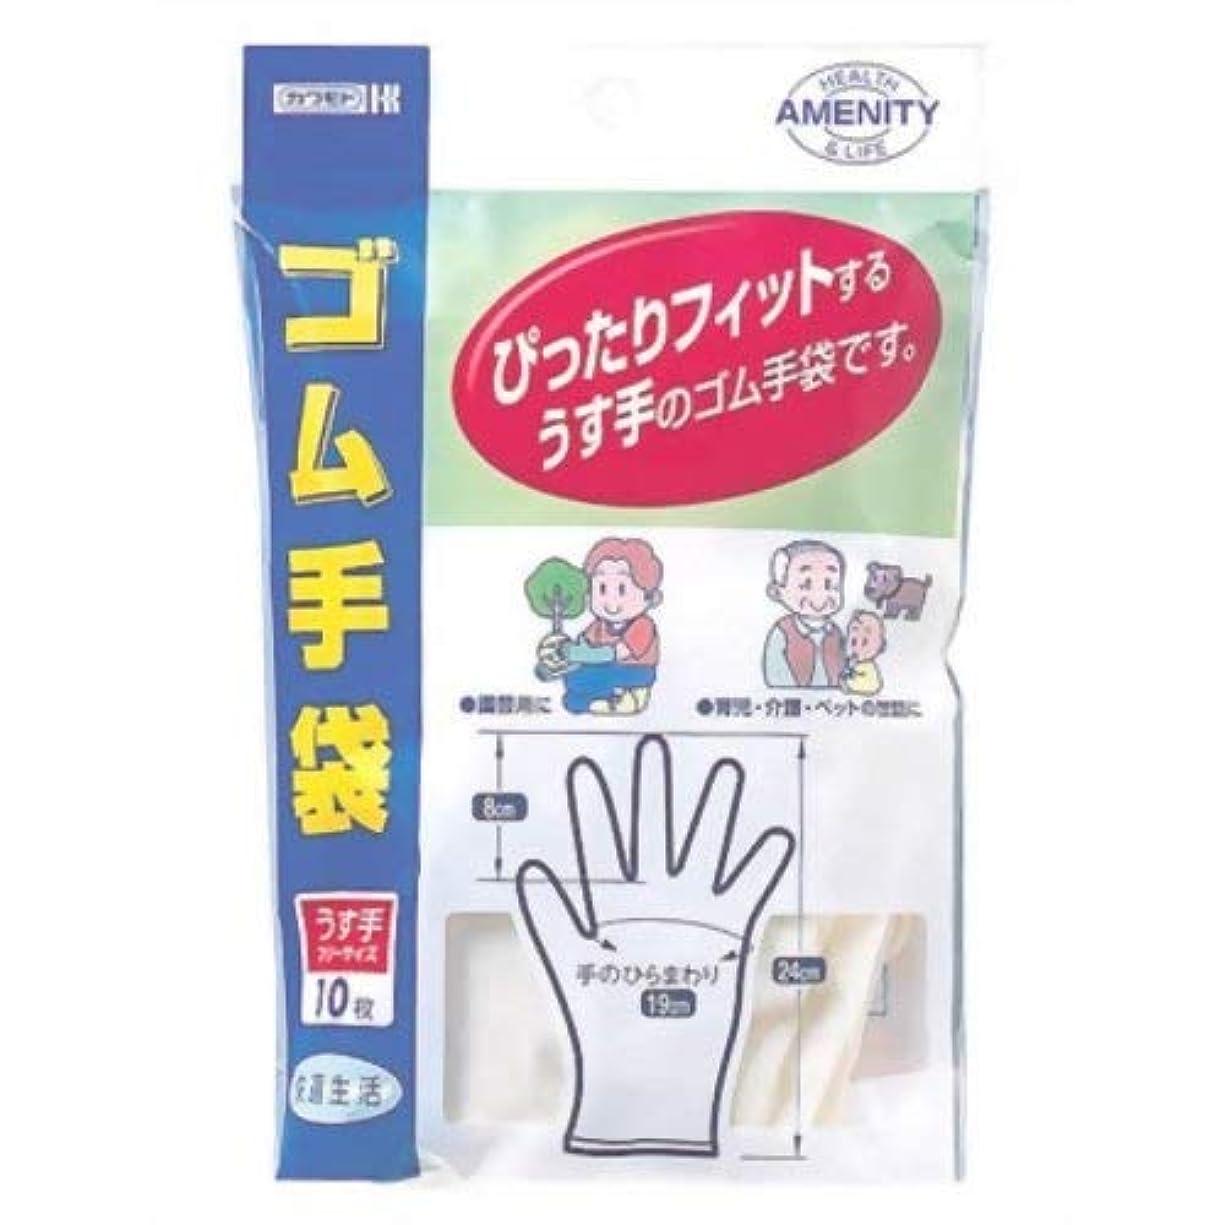 パワーセルもう一度公演カワモト ゴム手袋 10枚 ×6個